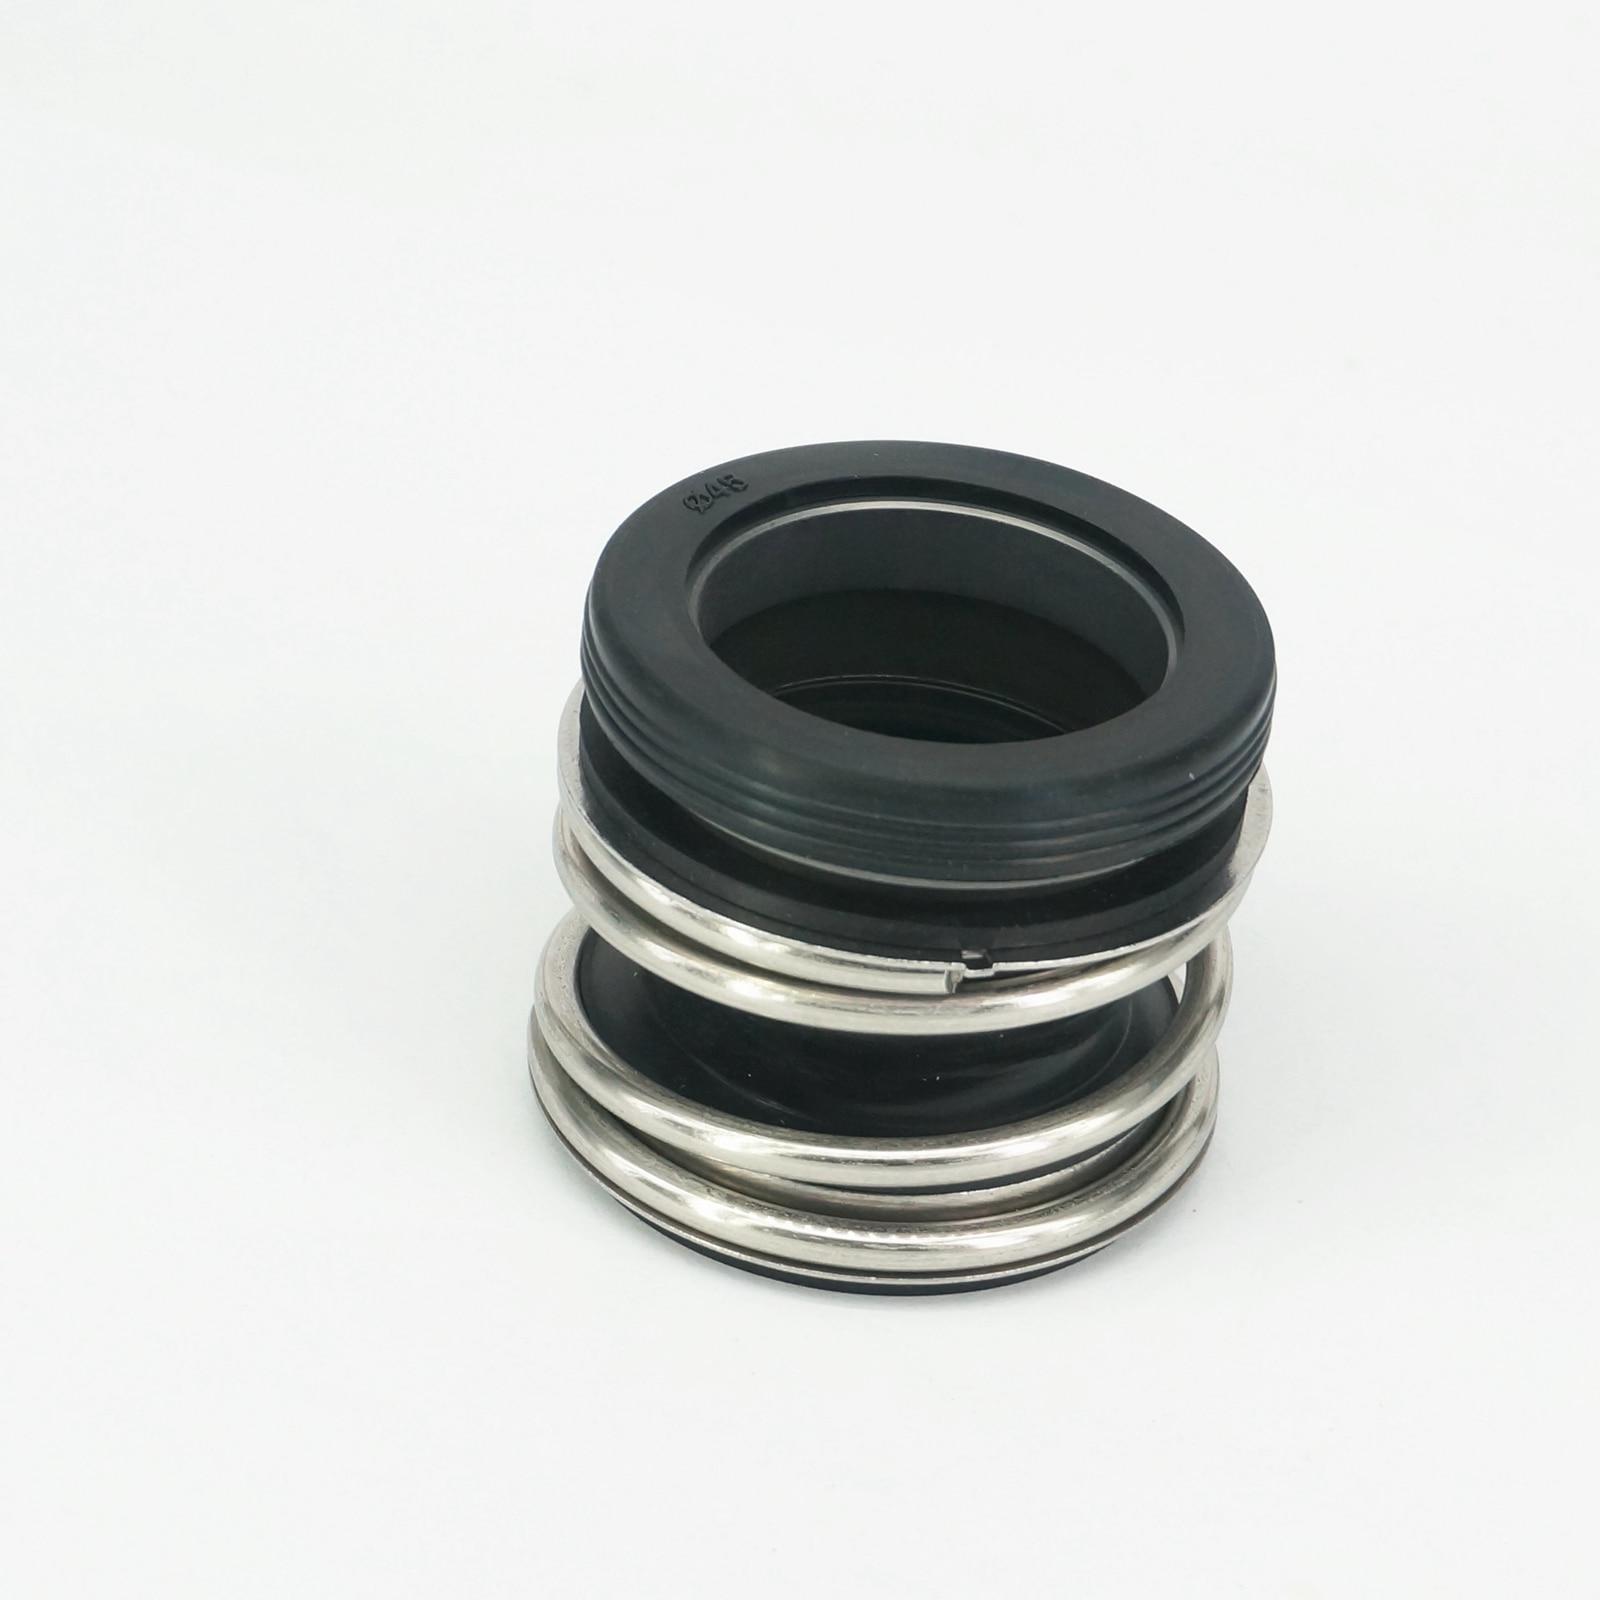 Bombas De Agua De Eje único de muelles de espiral Sello Mecánico 12 mm de diámetro